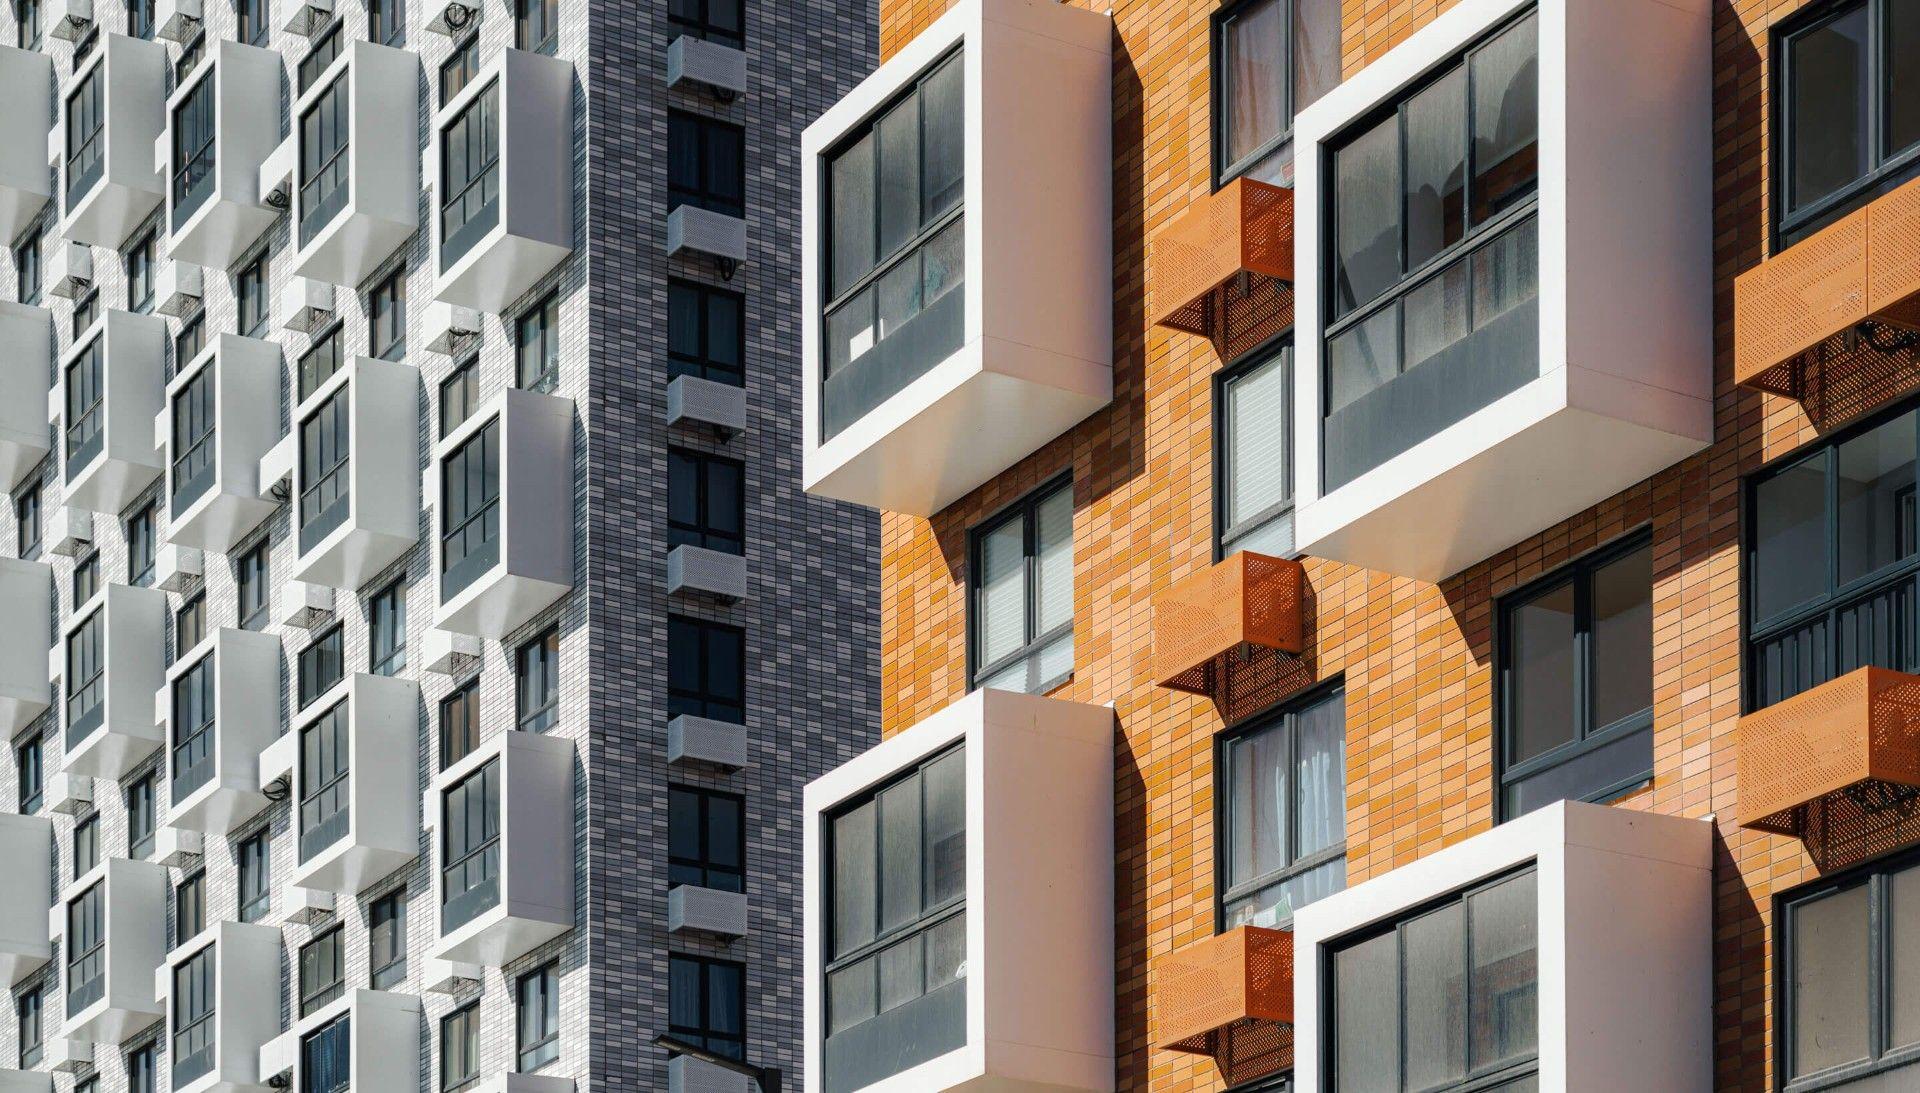 купить квартиру в ЖК Дальневосточный 15